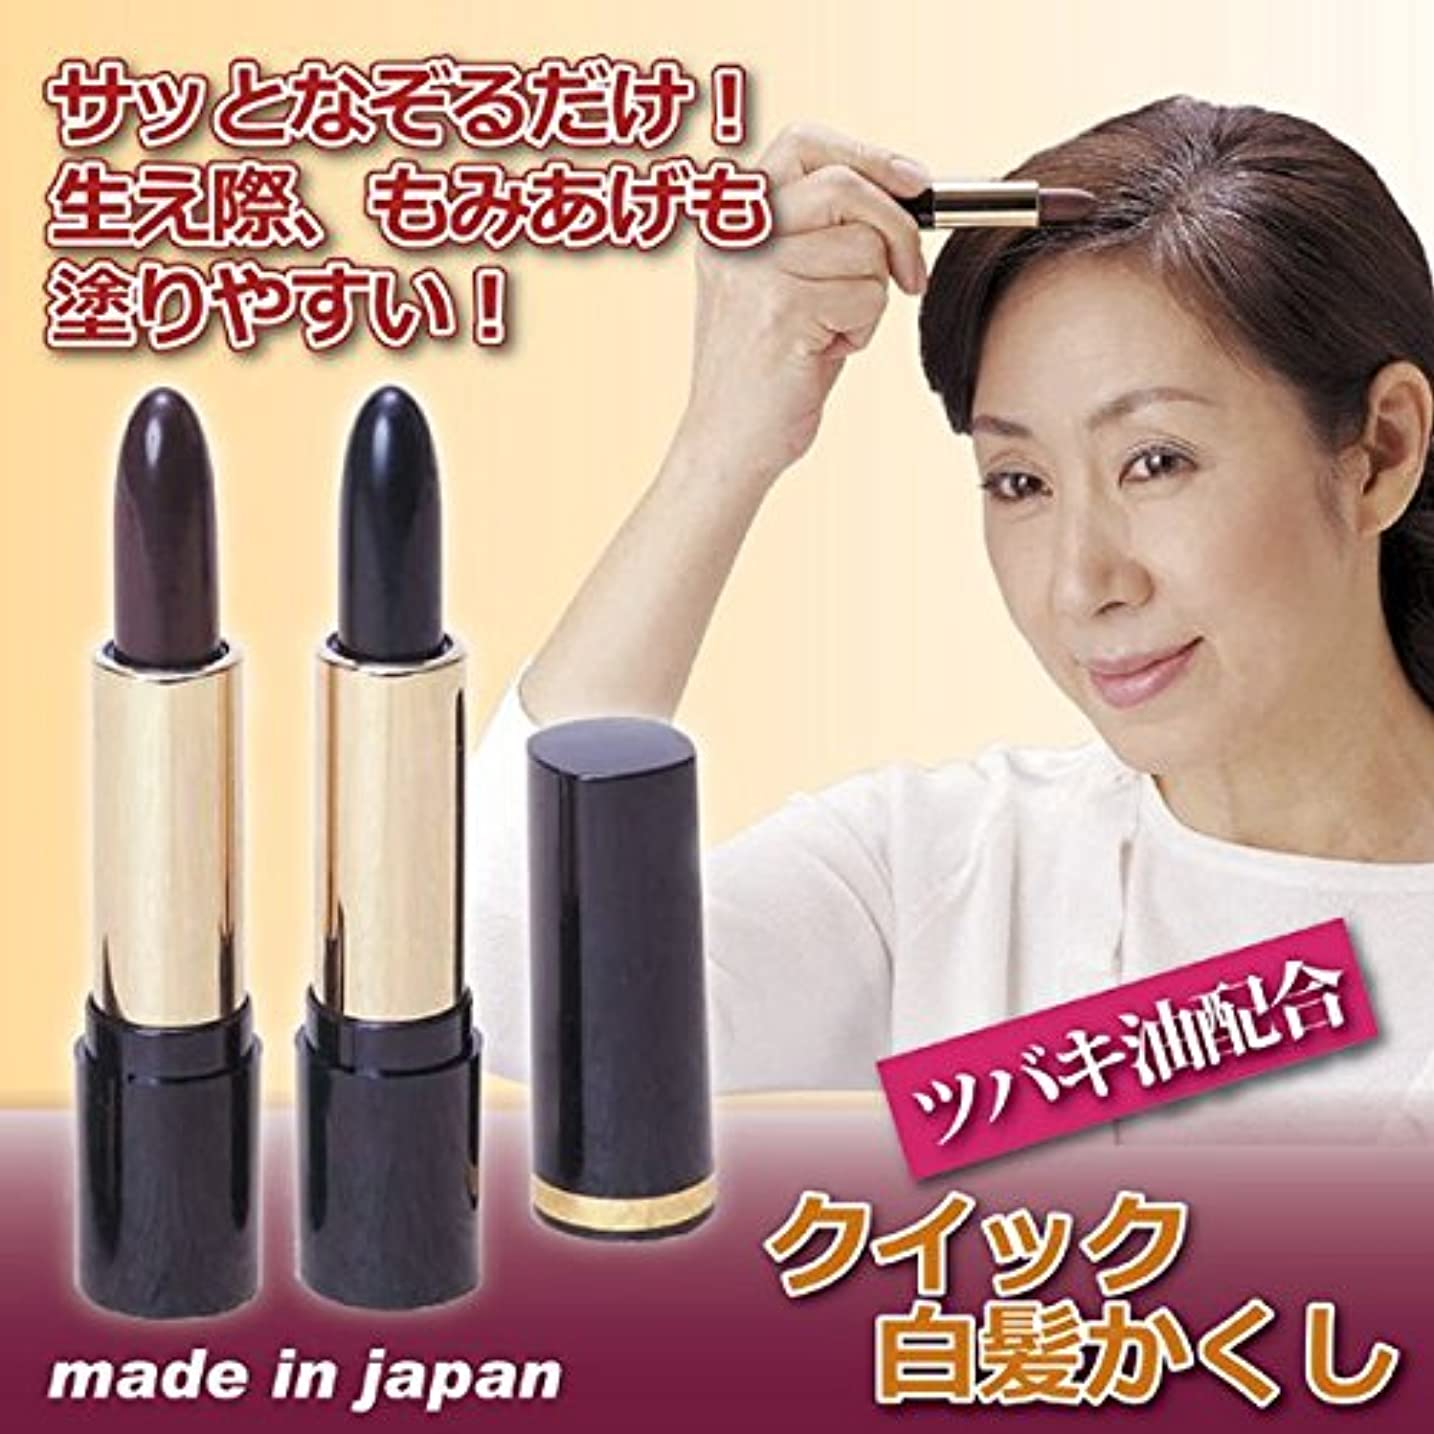 インテリア 雑貨 生活雑貨 白髪かくし 【男女兼用/ブラウン】 無香料 日本製